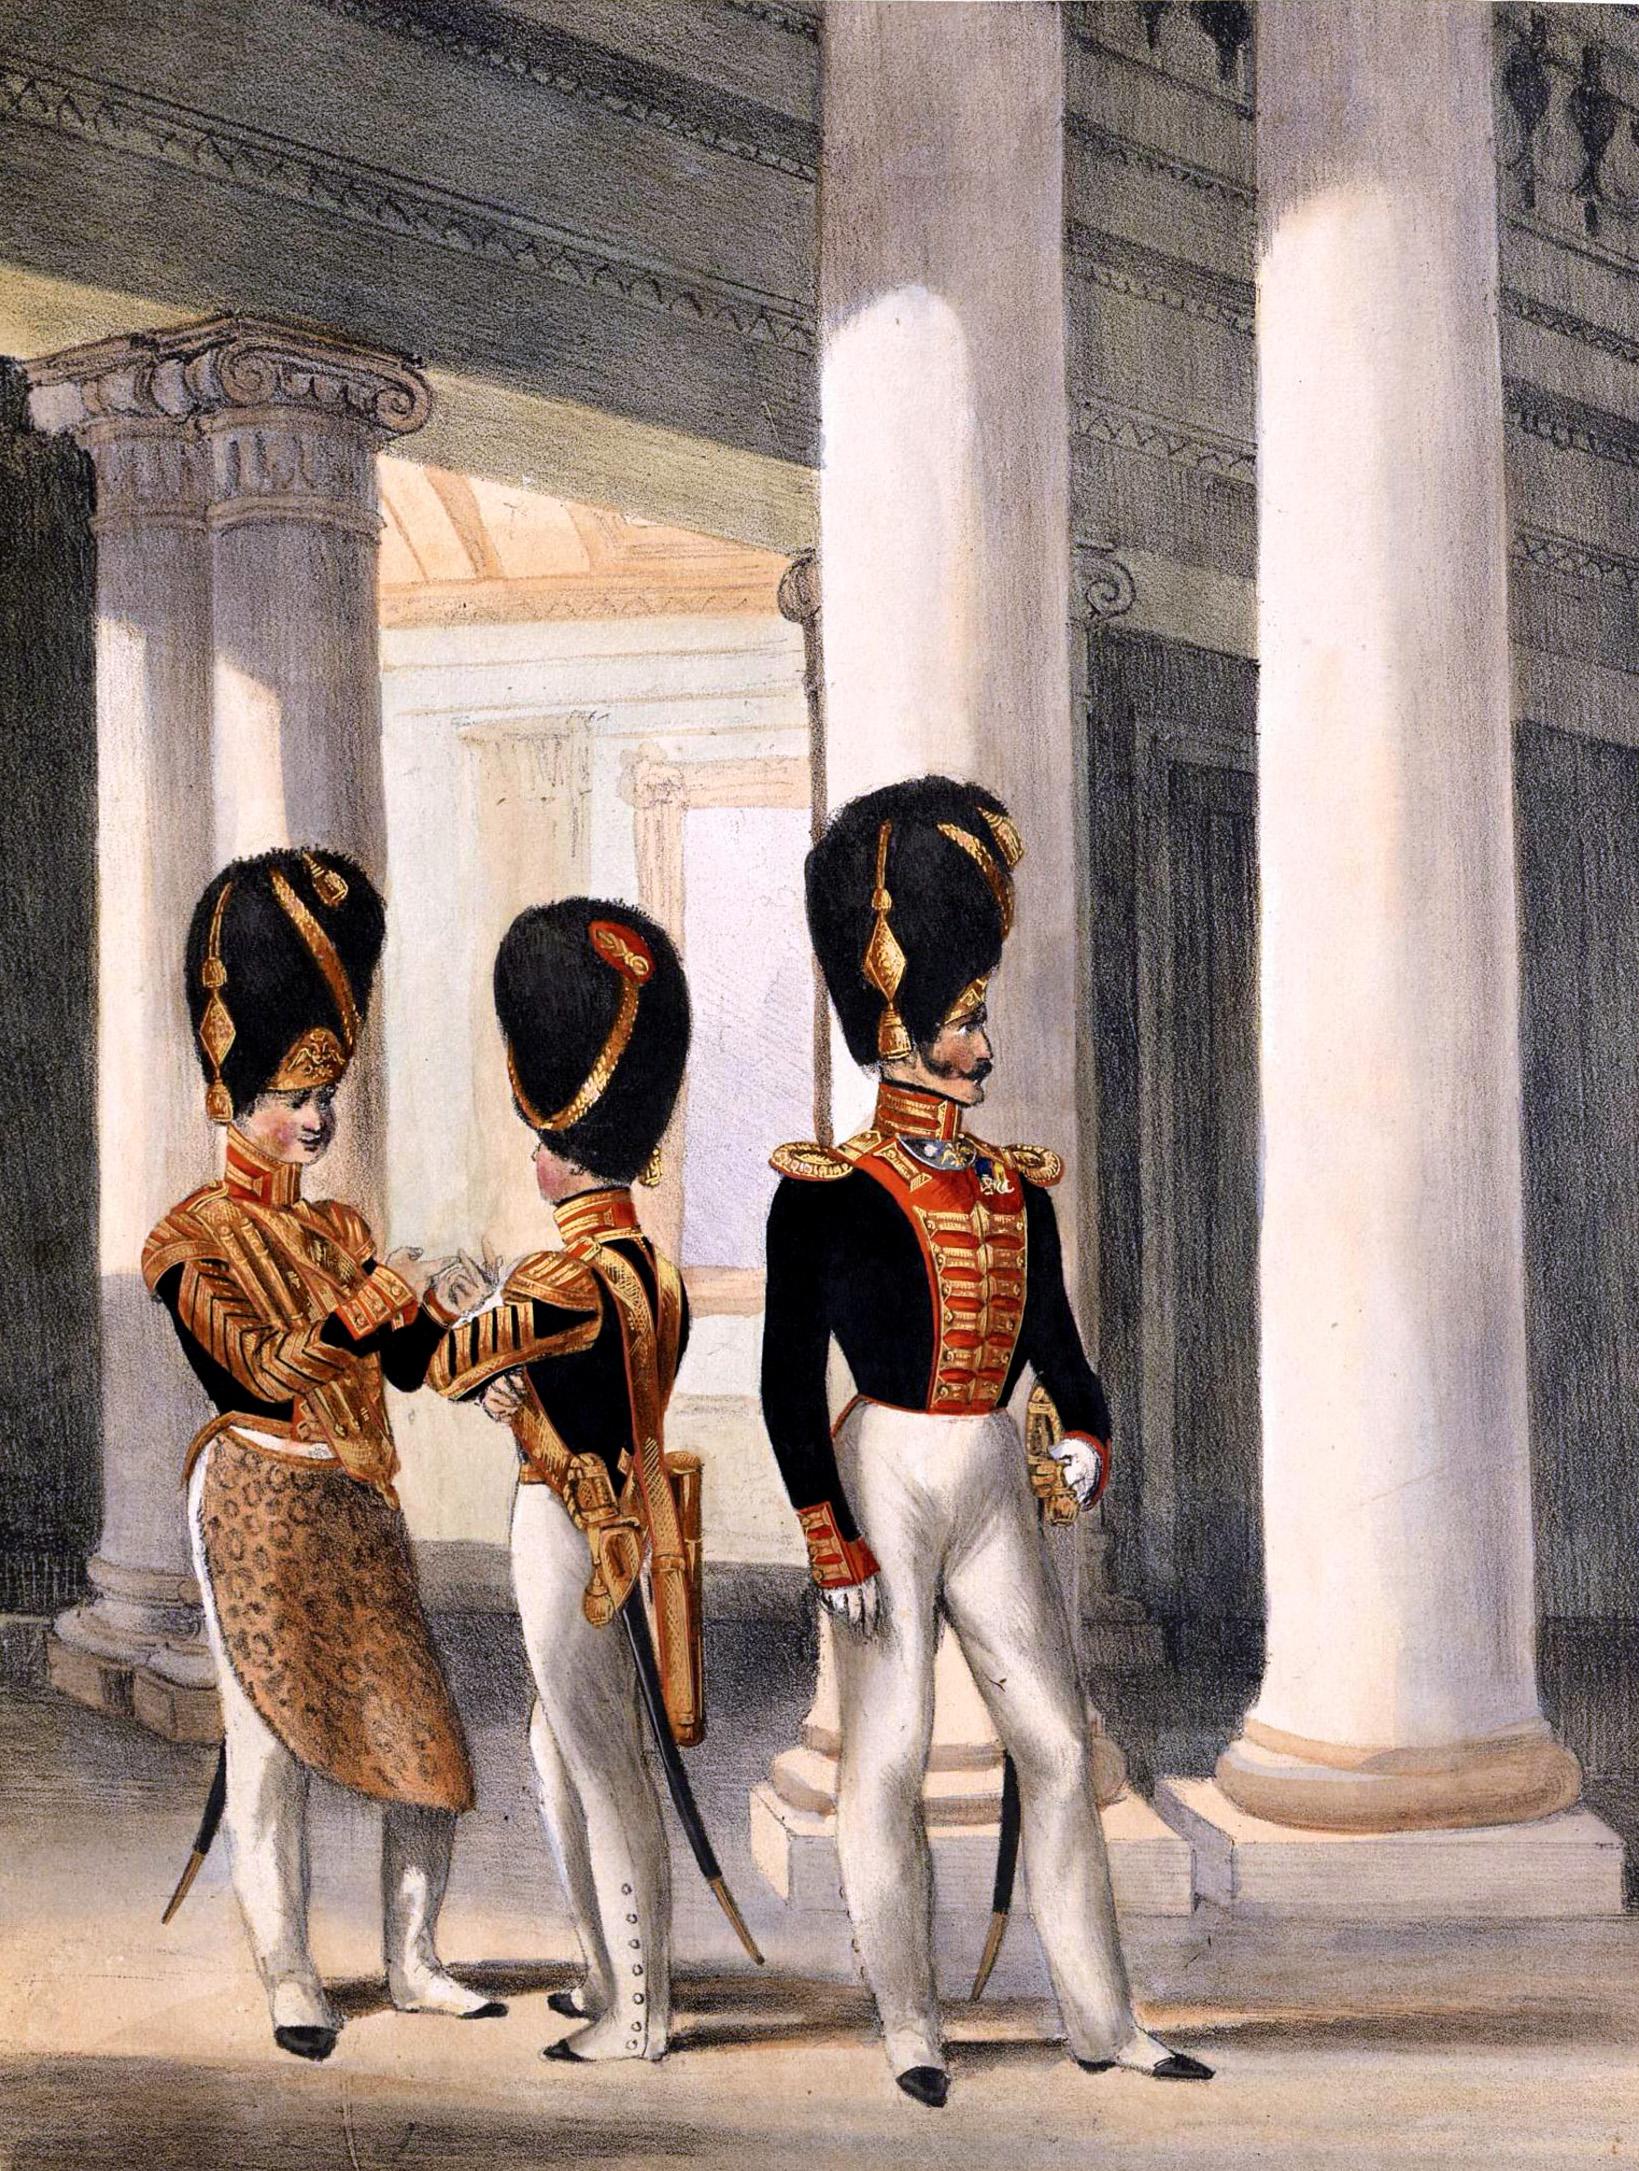 011. Kaiserthum Russland Palast-Garde-Grenadiere: Pfeifer, Tambour und Offizier in Parade / Российская империя